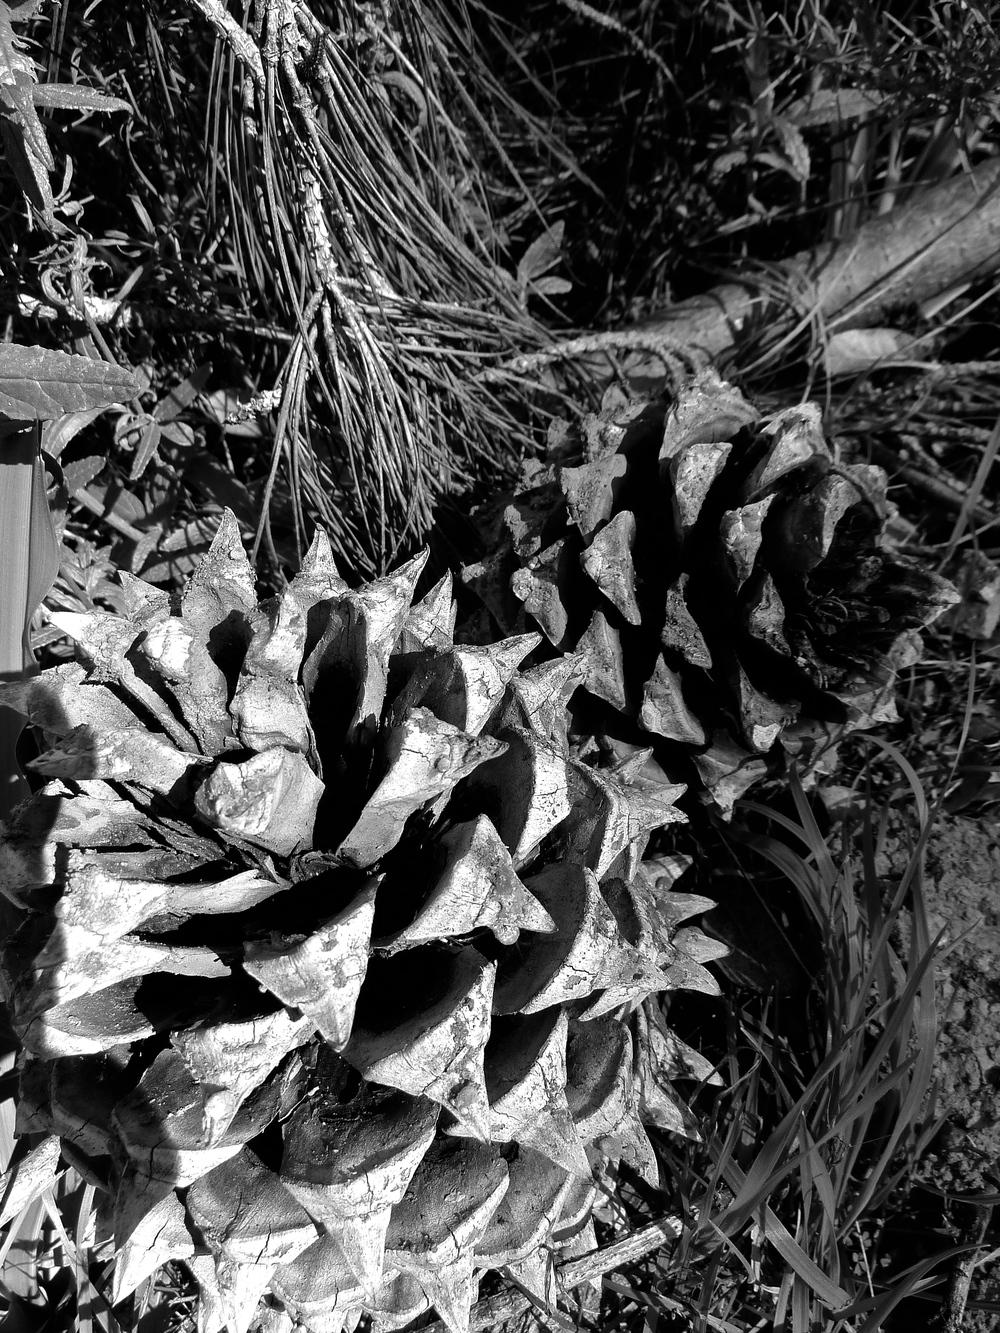 Coulter pine cones, North Peak, Mt. Diablo.